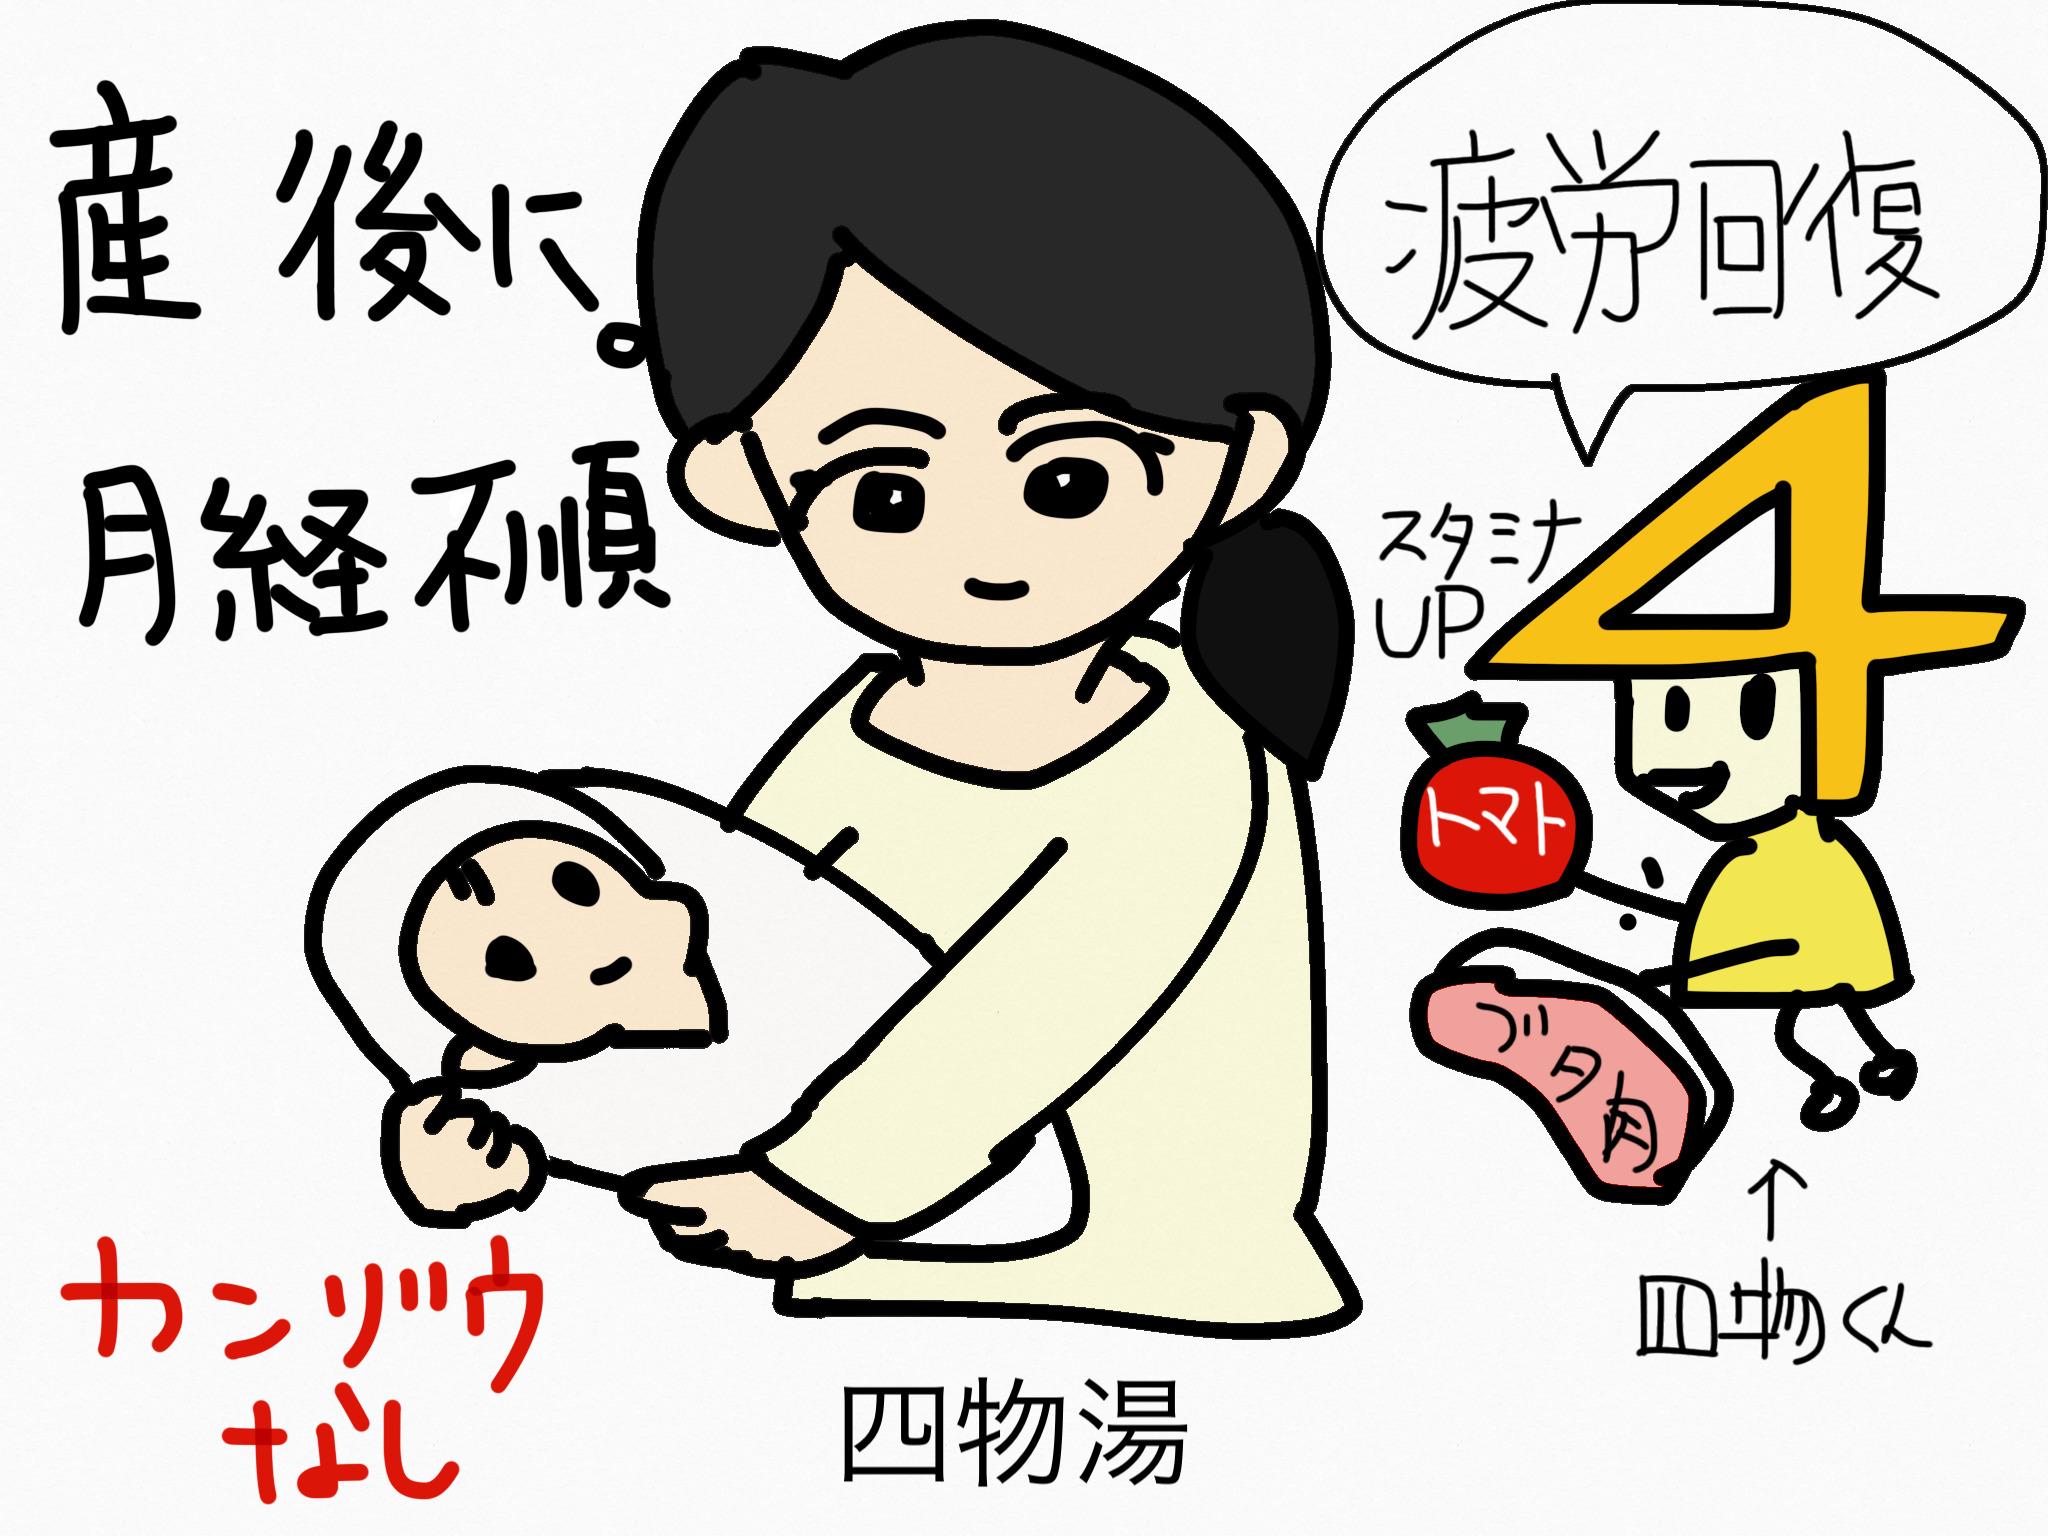 四物湯(しもつとう)[月経に伴う症状]【漢方の覚え方】